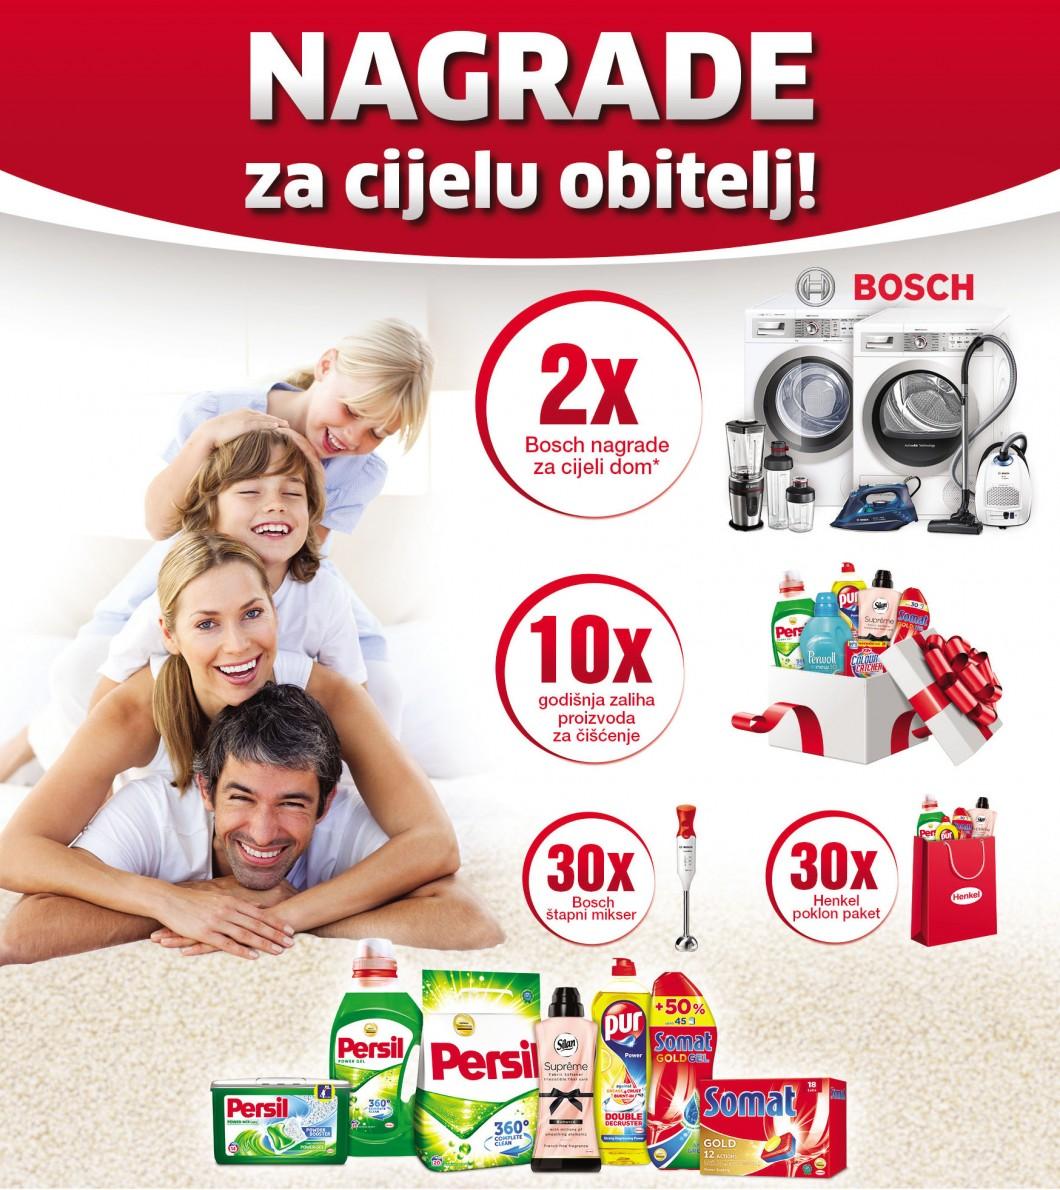 henkel_konzum_nagrade_za_cijelu_obitelj